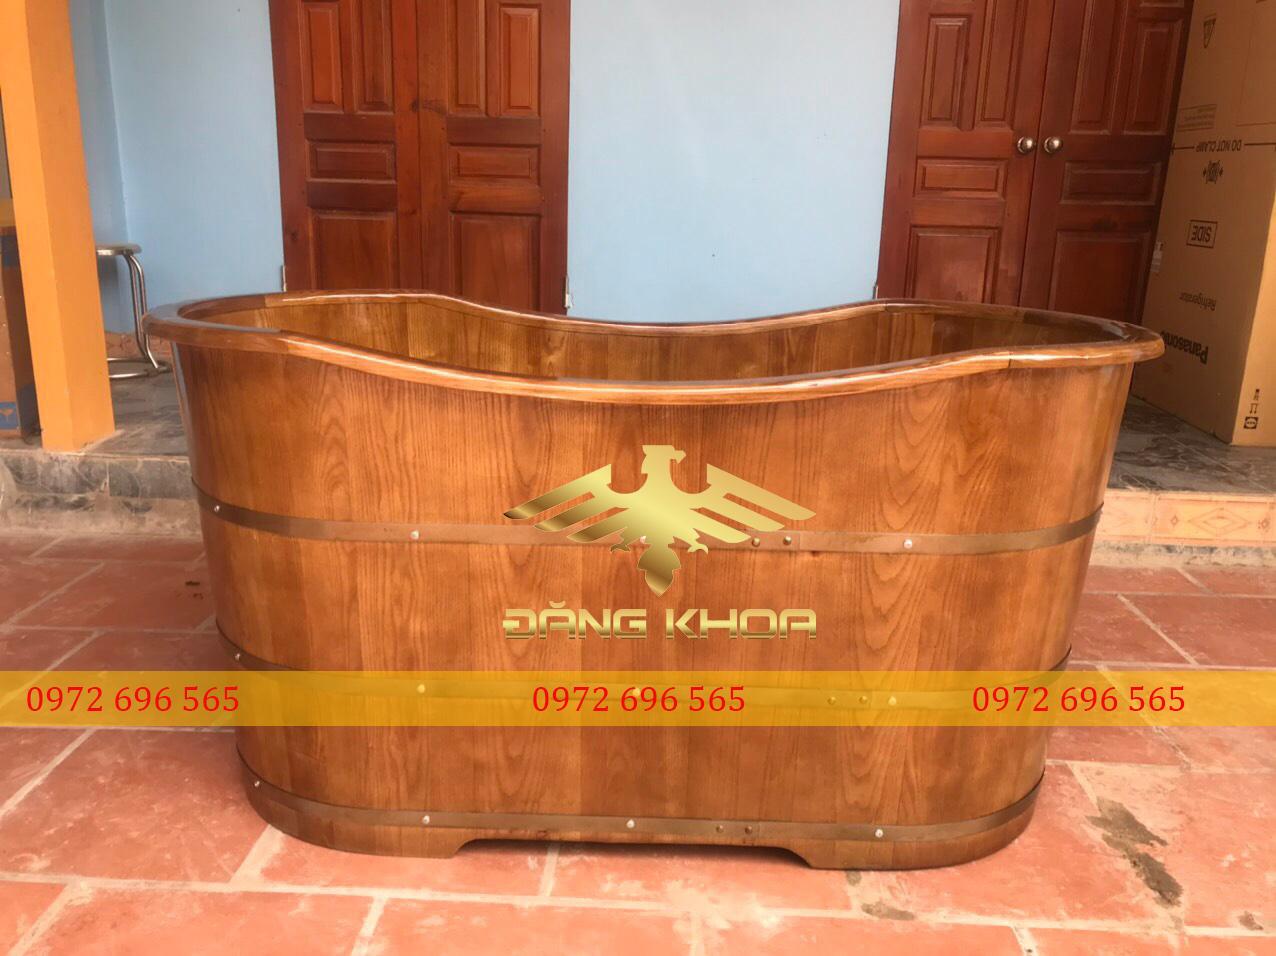 Địa chỉ bán bồn tắm gỗ màu nâu giả cổ uy tín